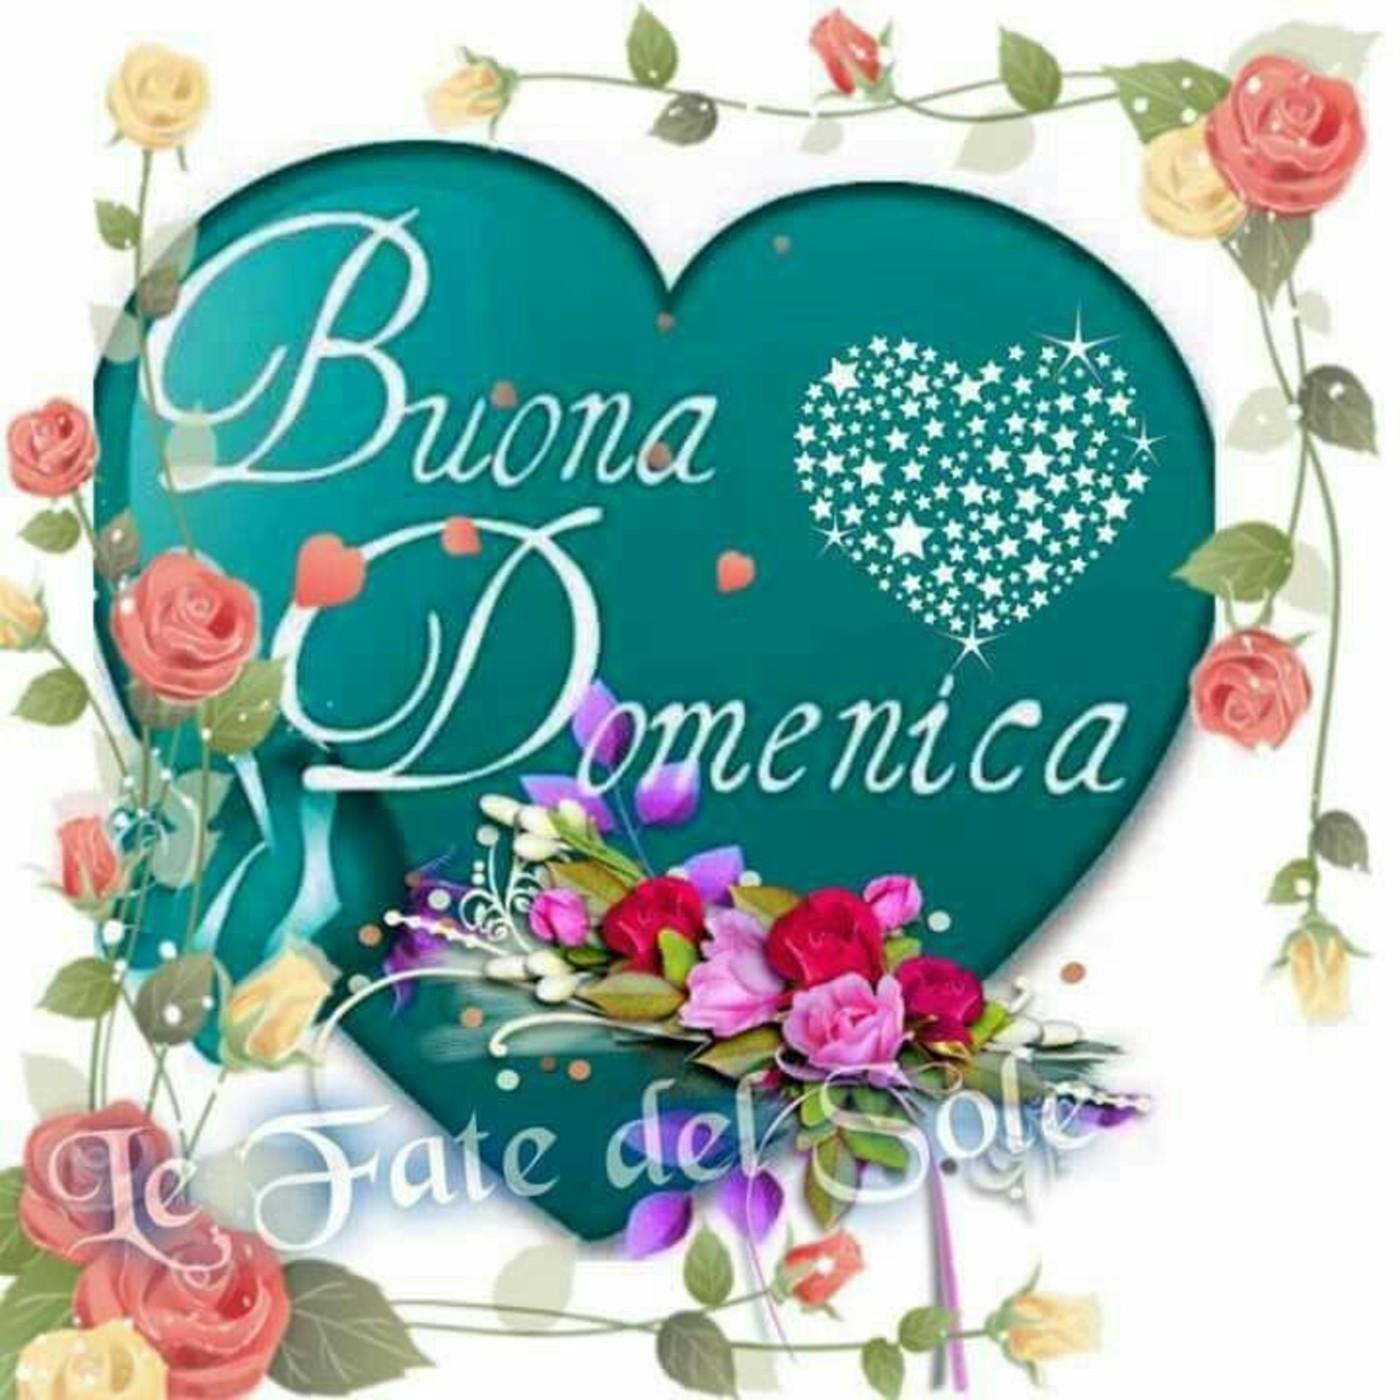 Buona Domenica Amica Mia Archives Pagina 4 Di 4